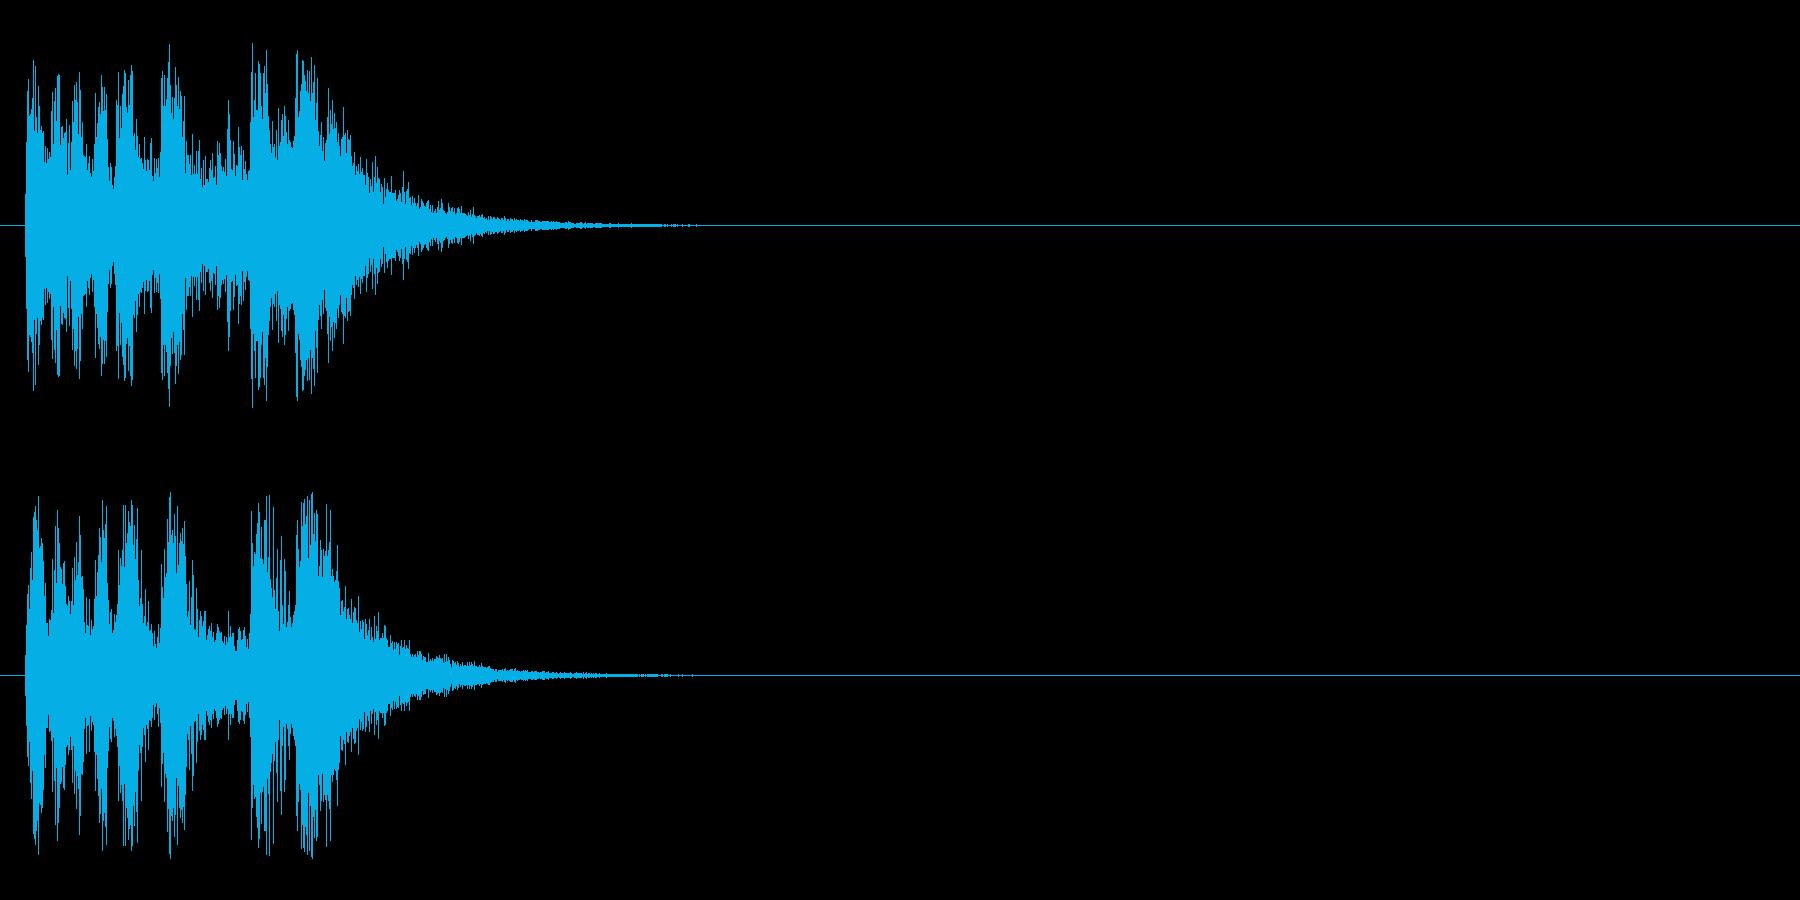 ジングル/オーケストラ(ドキュメント風)の再生済みの波形